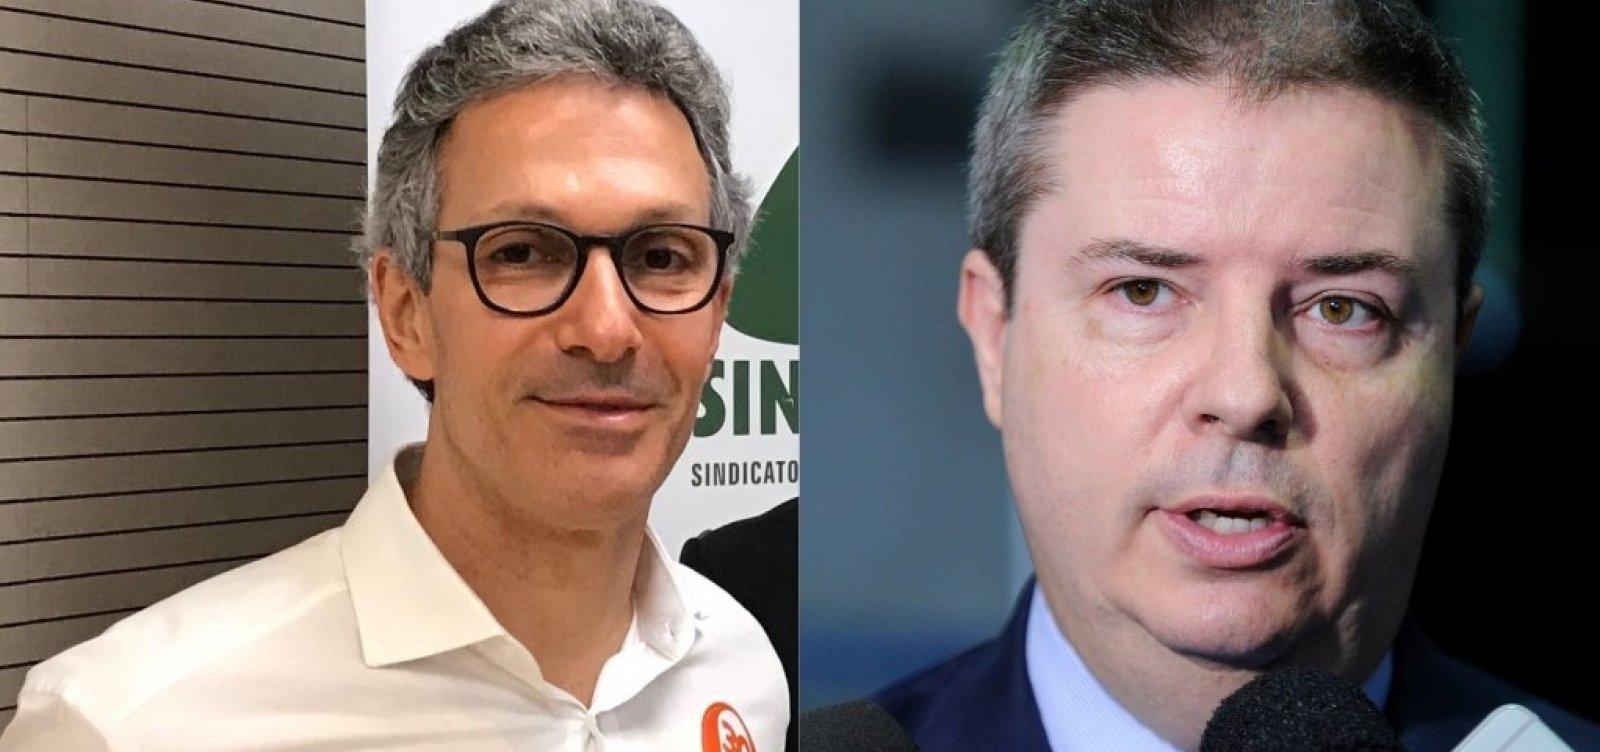 Boca de urna: Zema lidera com 66% em Minas, segundo Ibope